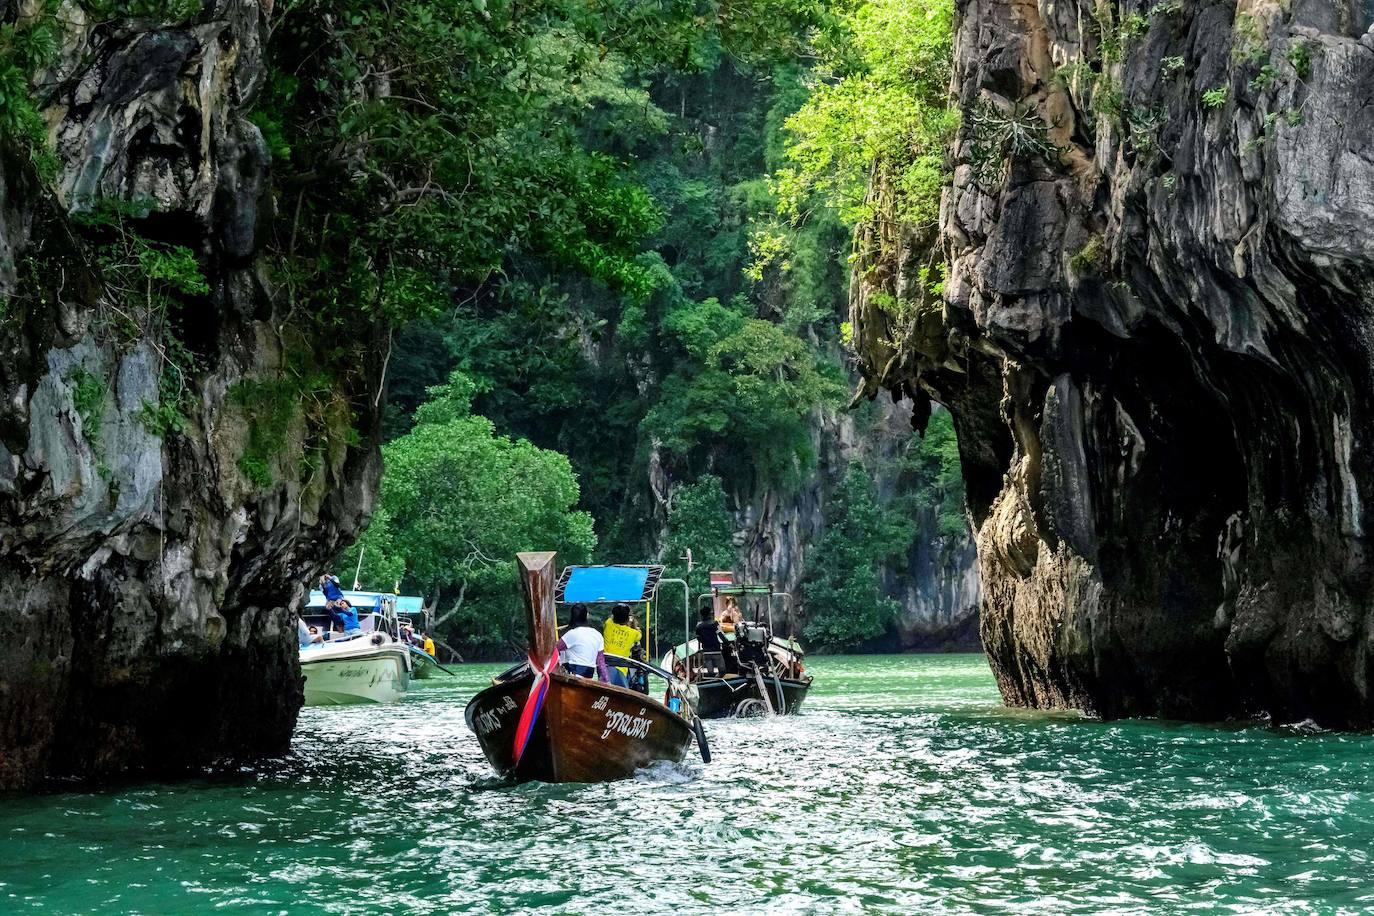 La pandemia, una tregua para las tribus de Tailandia amenazadas por el turismo